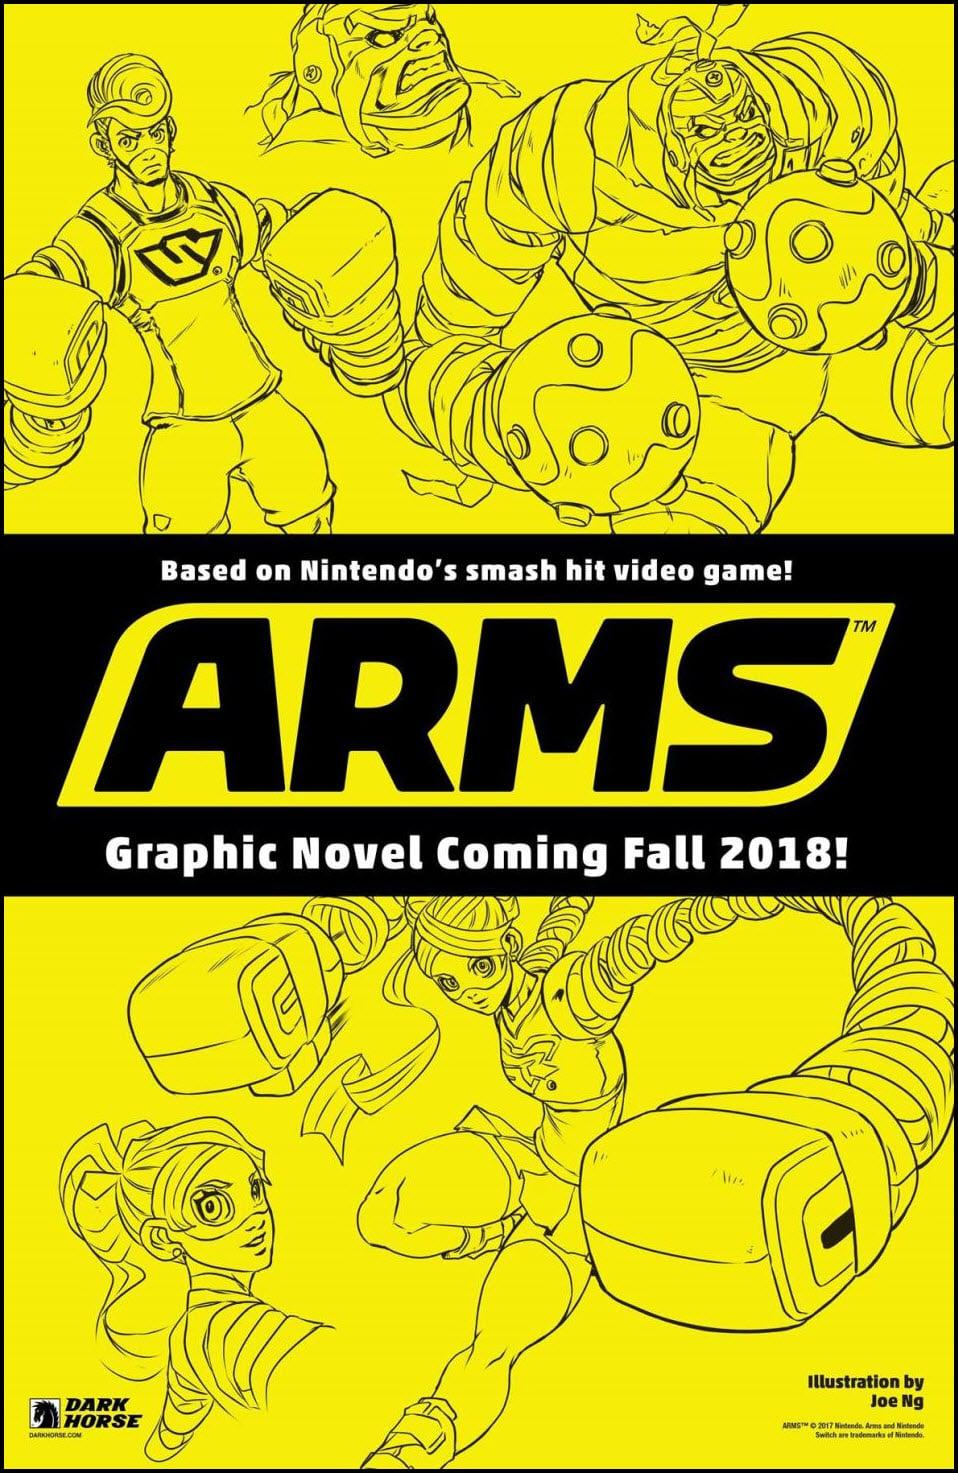 Nintendo Arms será una novela gráfica ¿Tendrá tanto éxito como el juego?-2